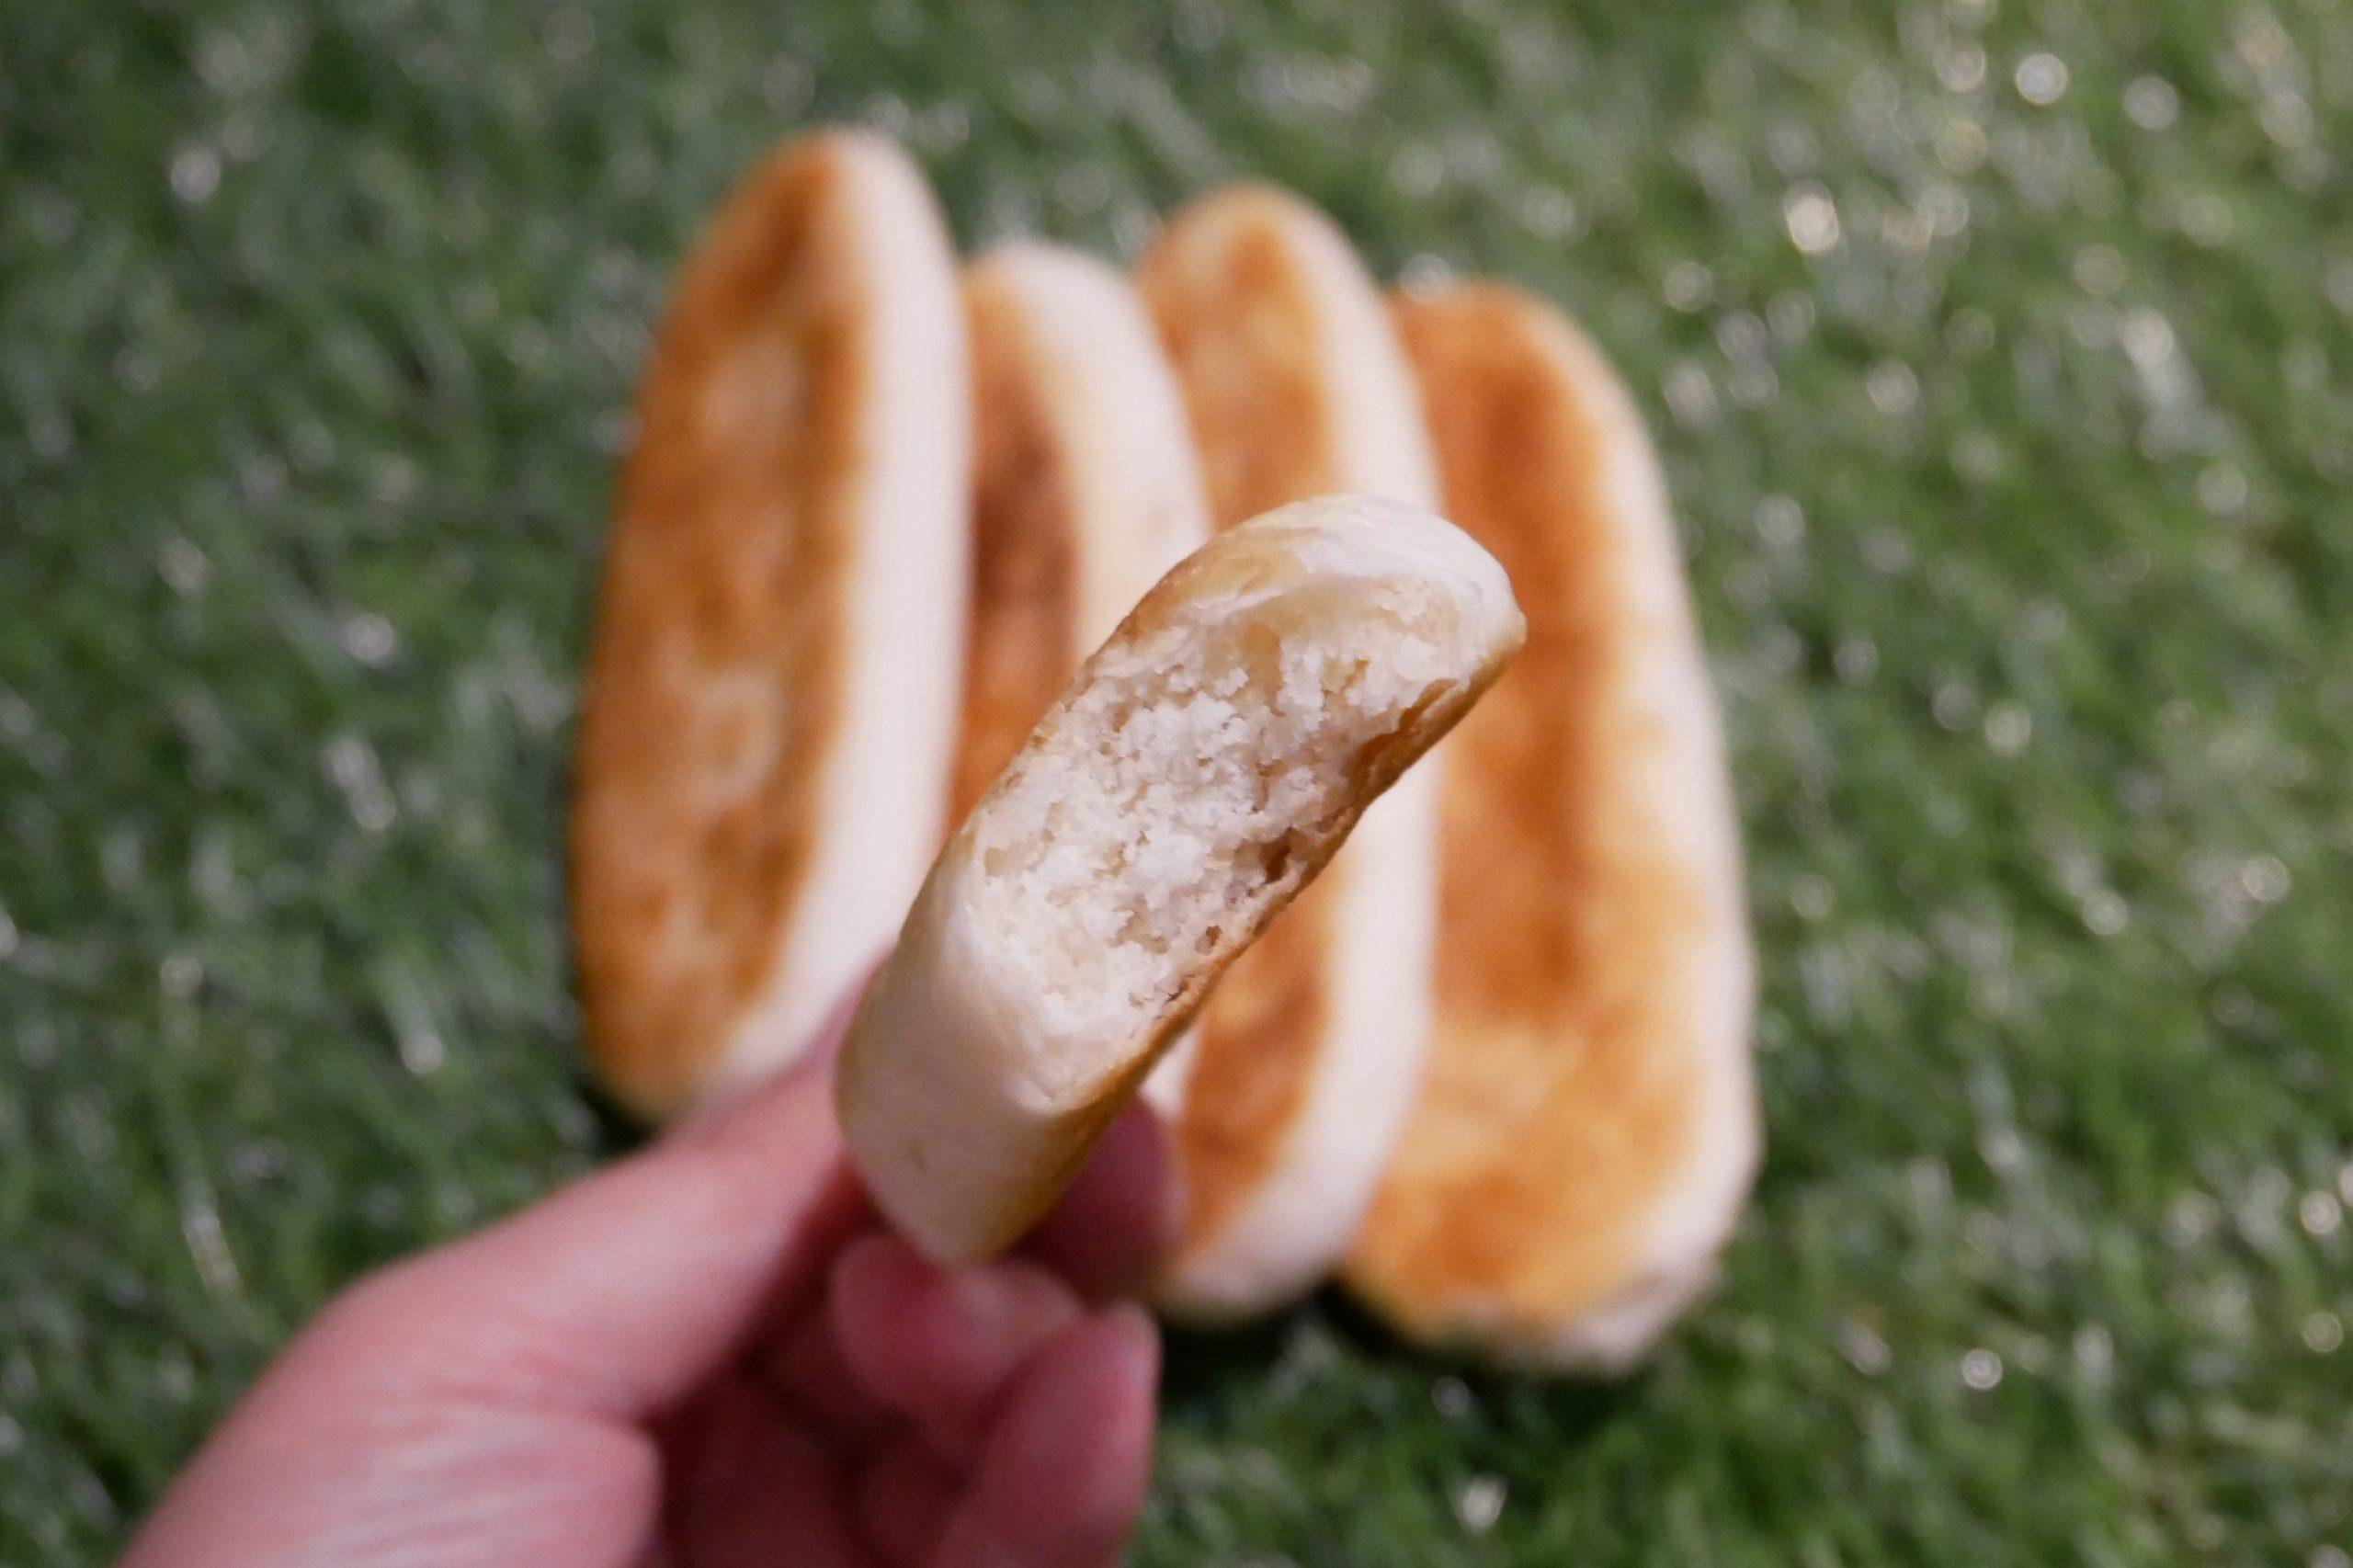 明豐珍兔仔寮牛舌餅:鹿港必買伴手禮,超人氣團購牛舌餅 @飛天璇的口袋